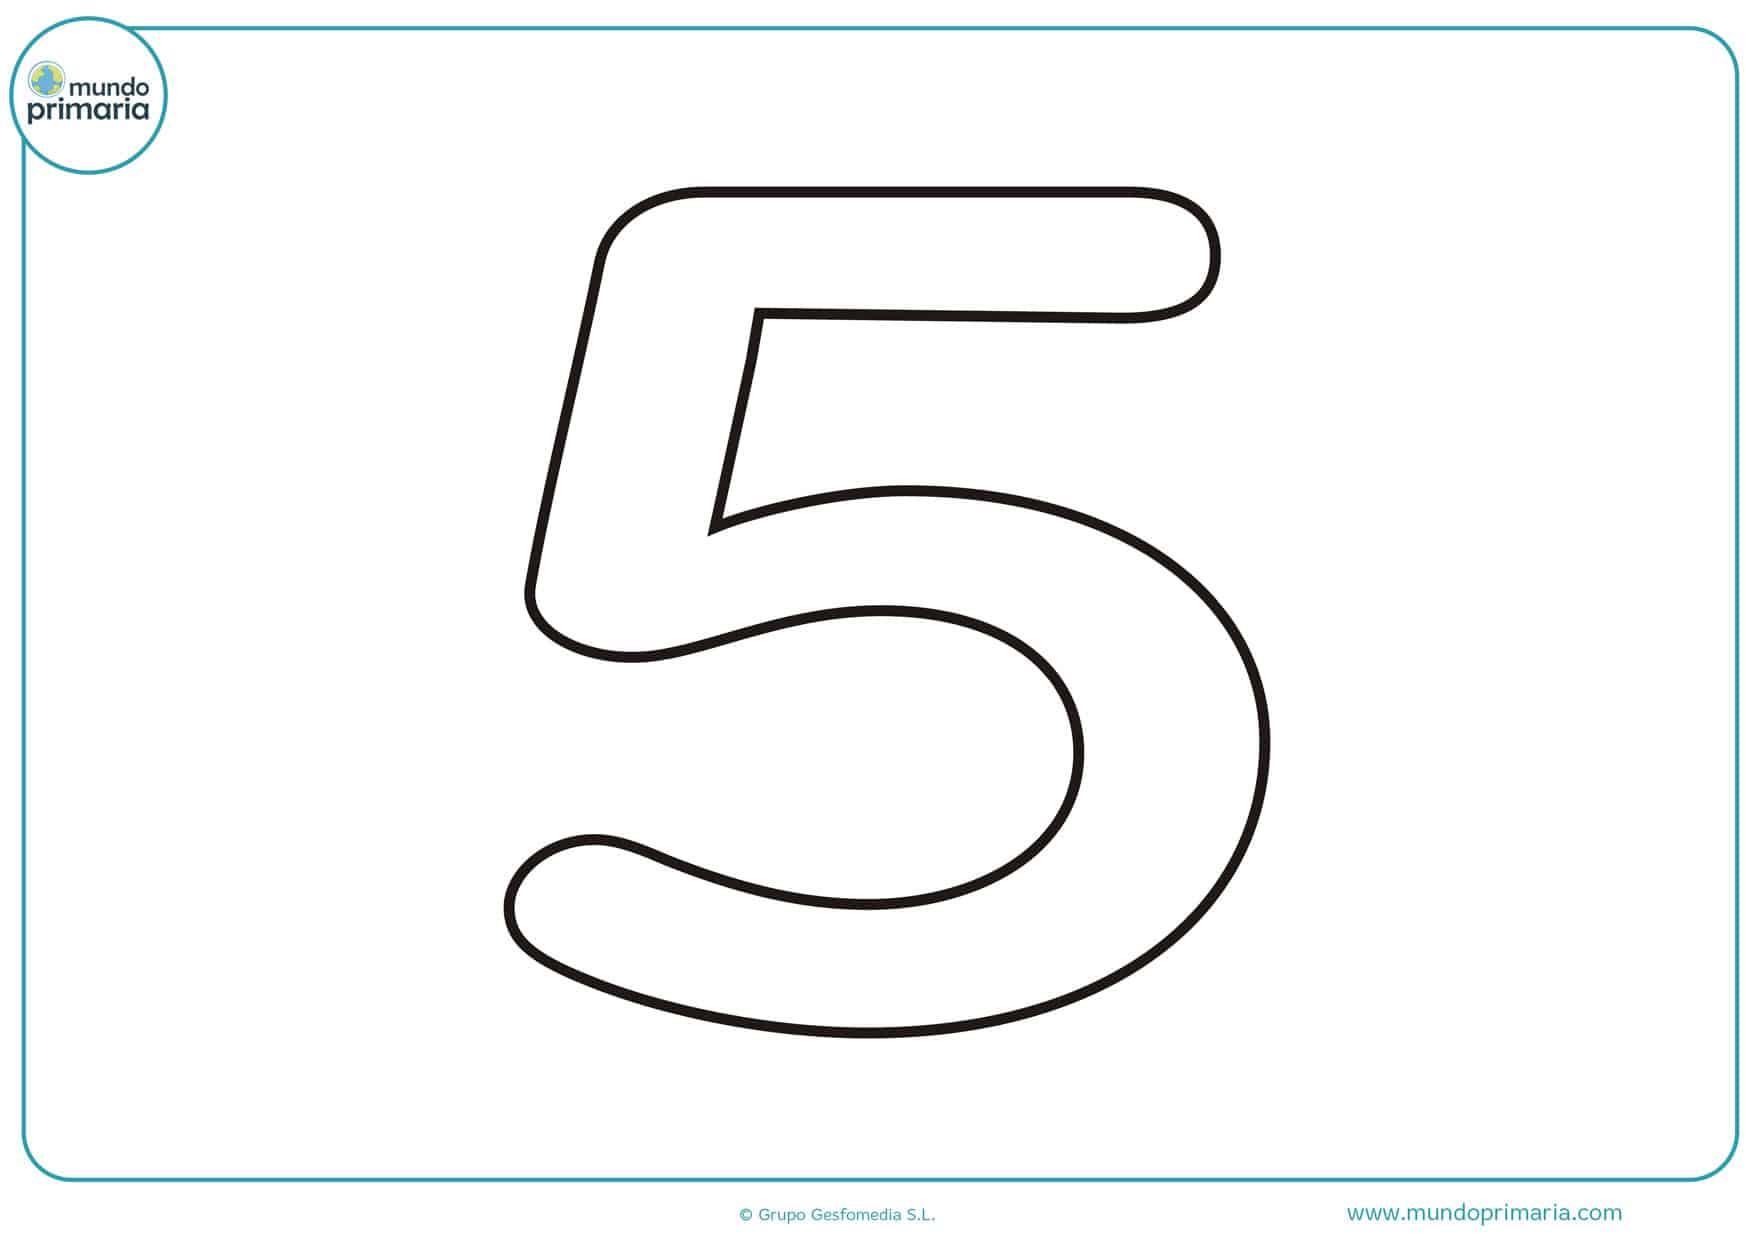 dibujo del numero 5 para colorear